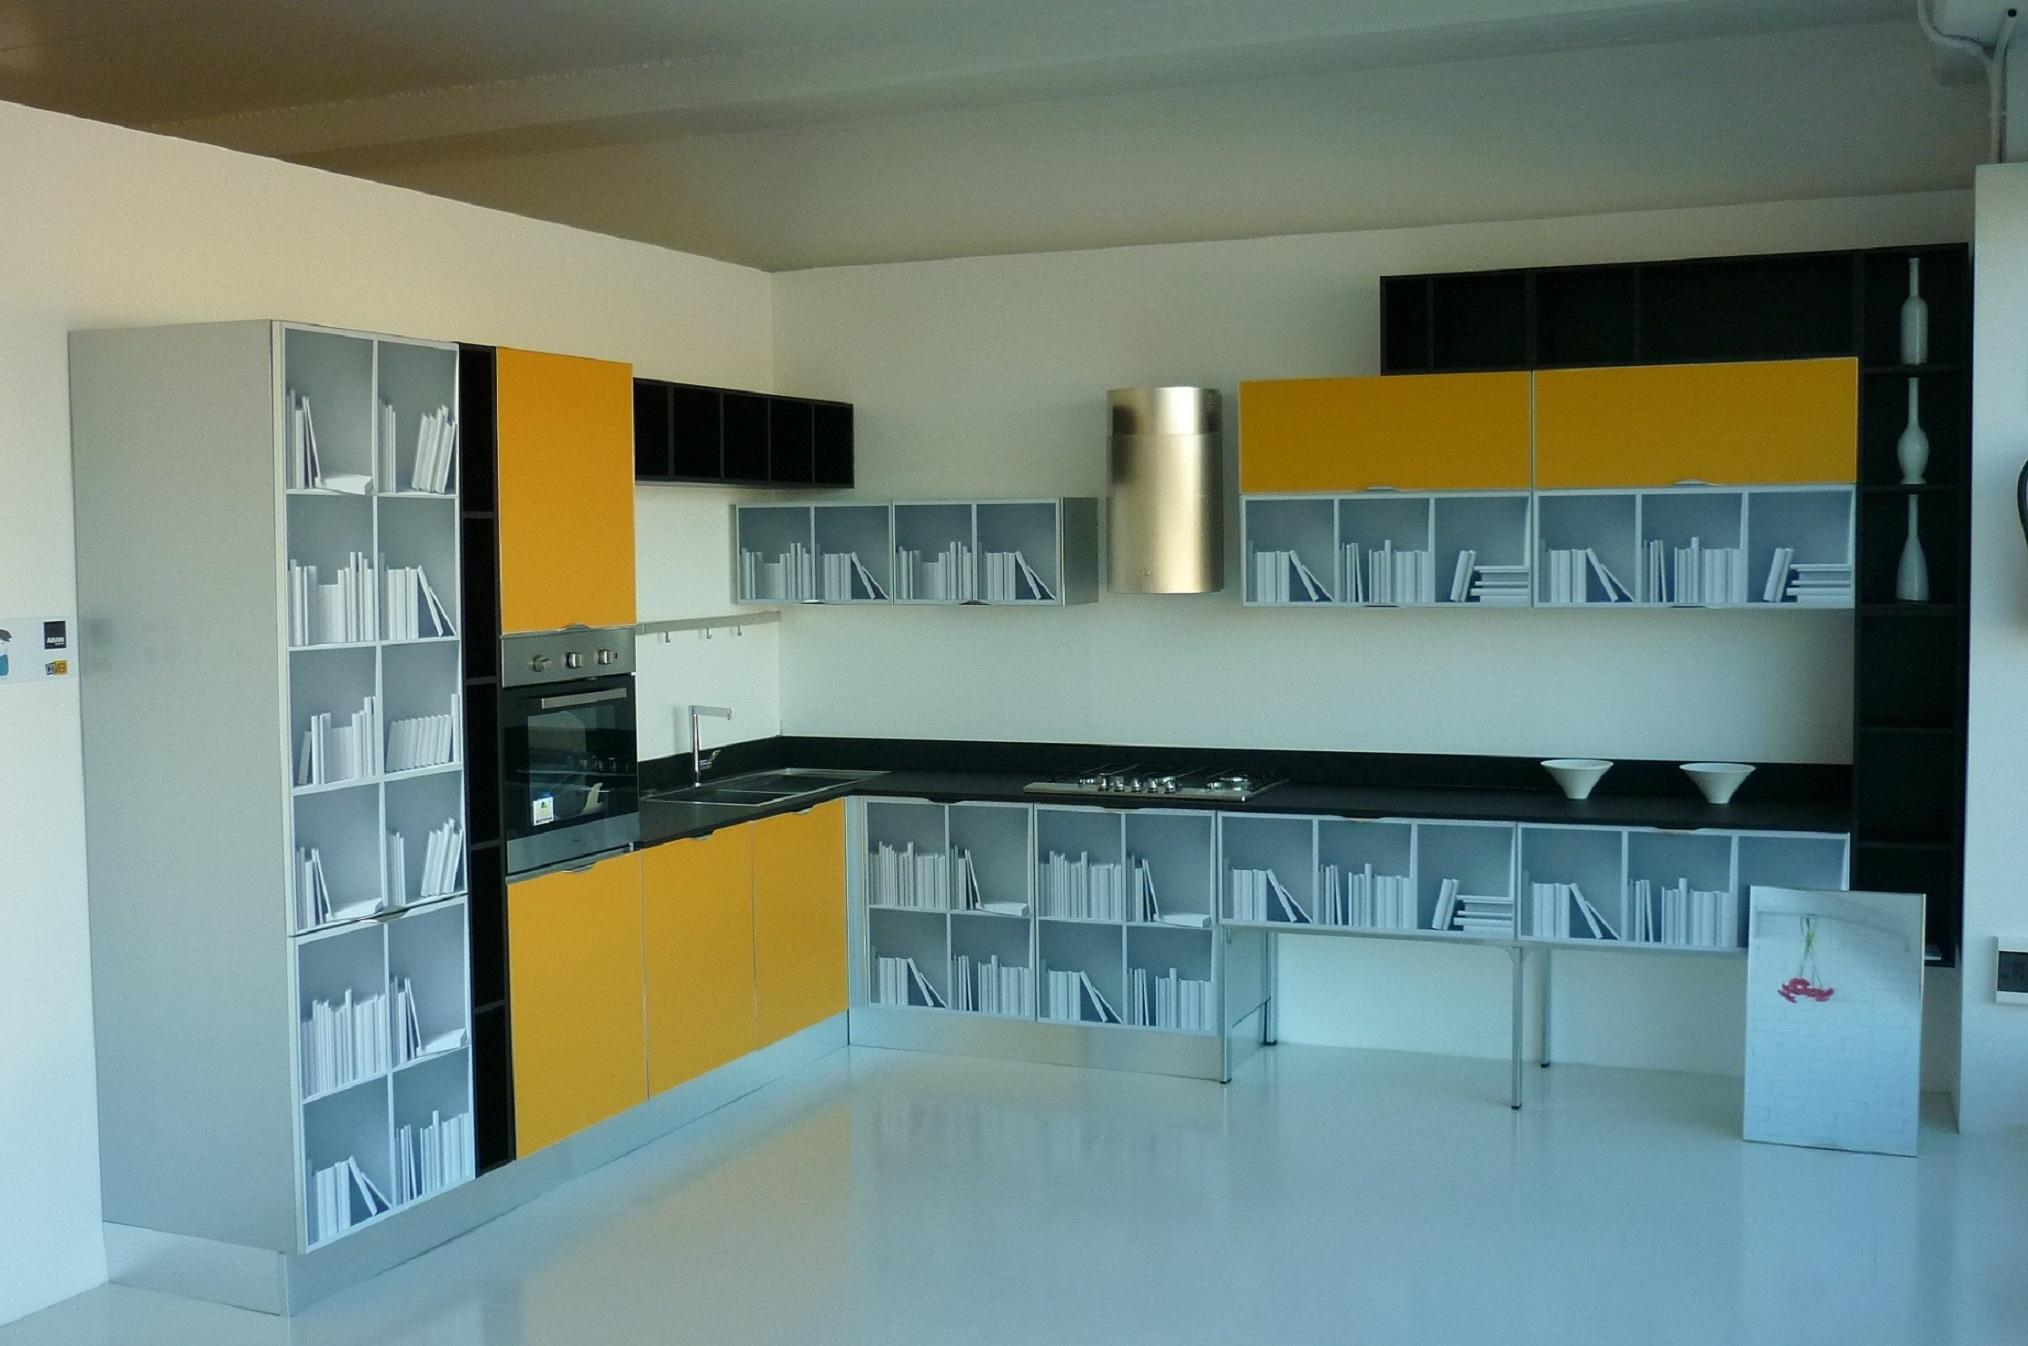 Cucina Cover di Aran Cucine - Cucine a prezzi scontati